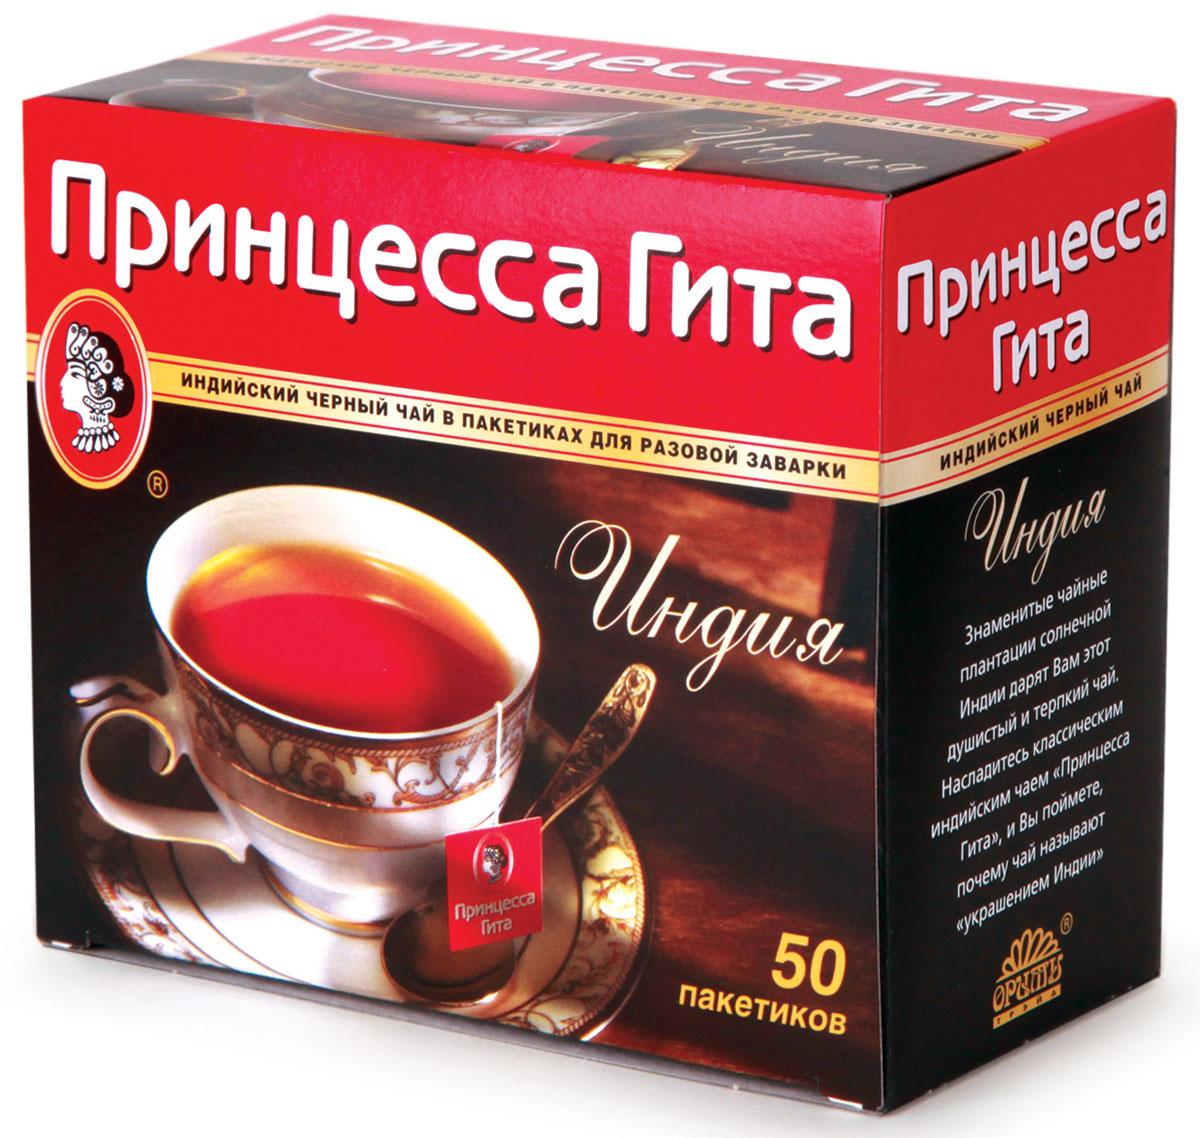 Принцесса Гита Индия черный чай в пакетиках, 50 шт